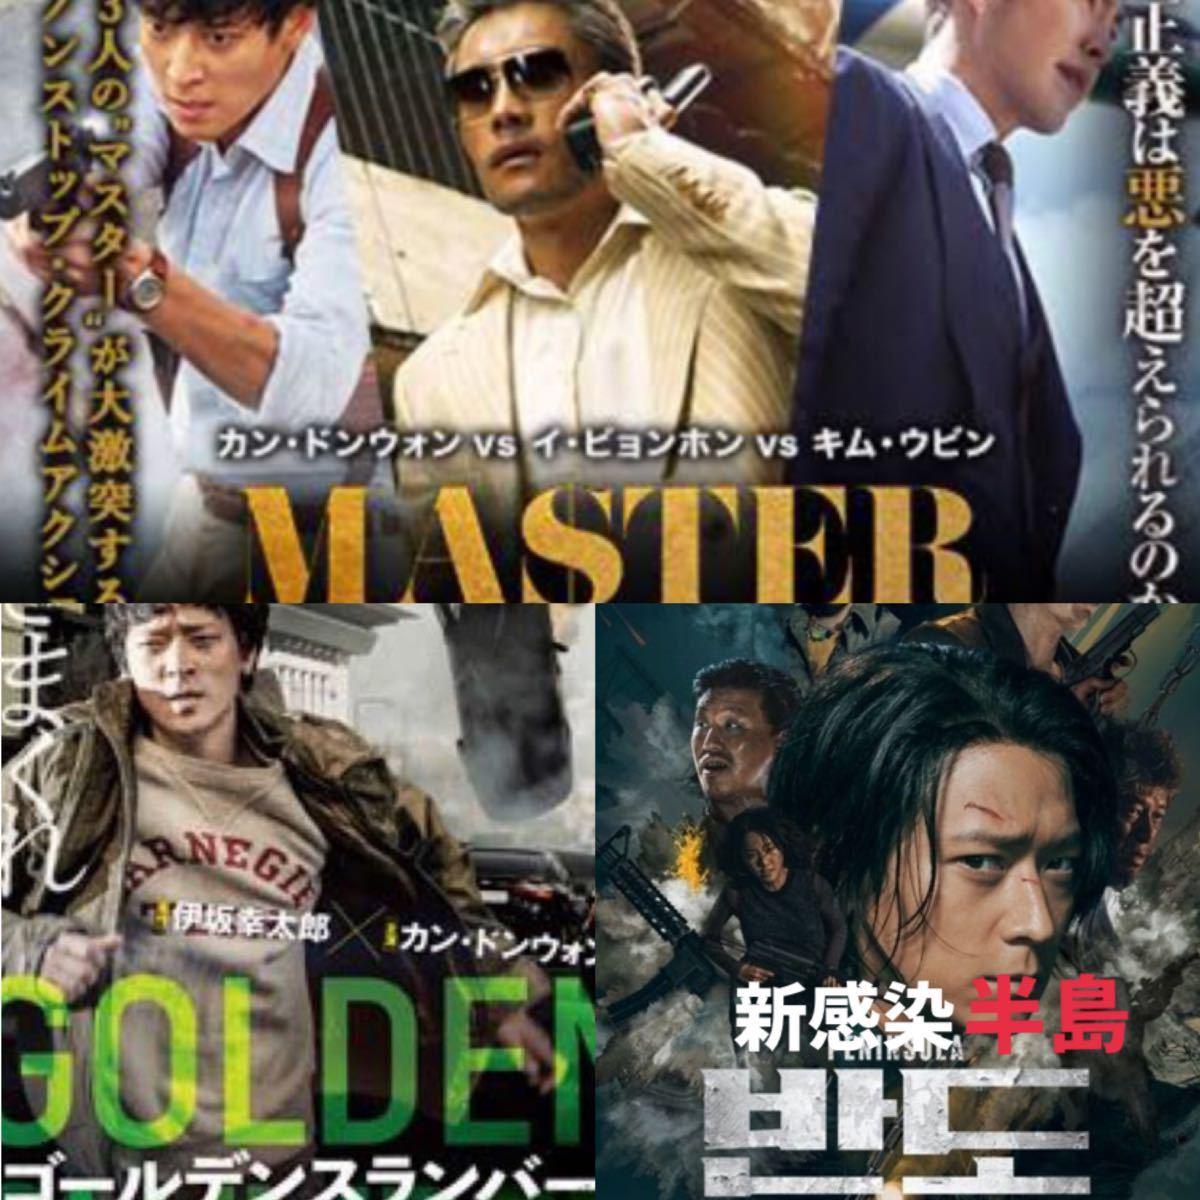 韓国映画  カン・ドンウォン  出演映画  DVD  3点セット  日本語吹替有り  レーベル有り  入替可能です